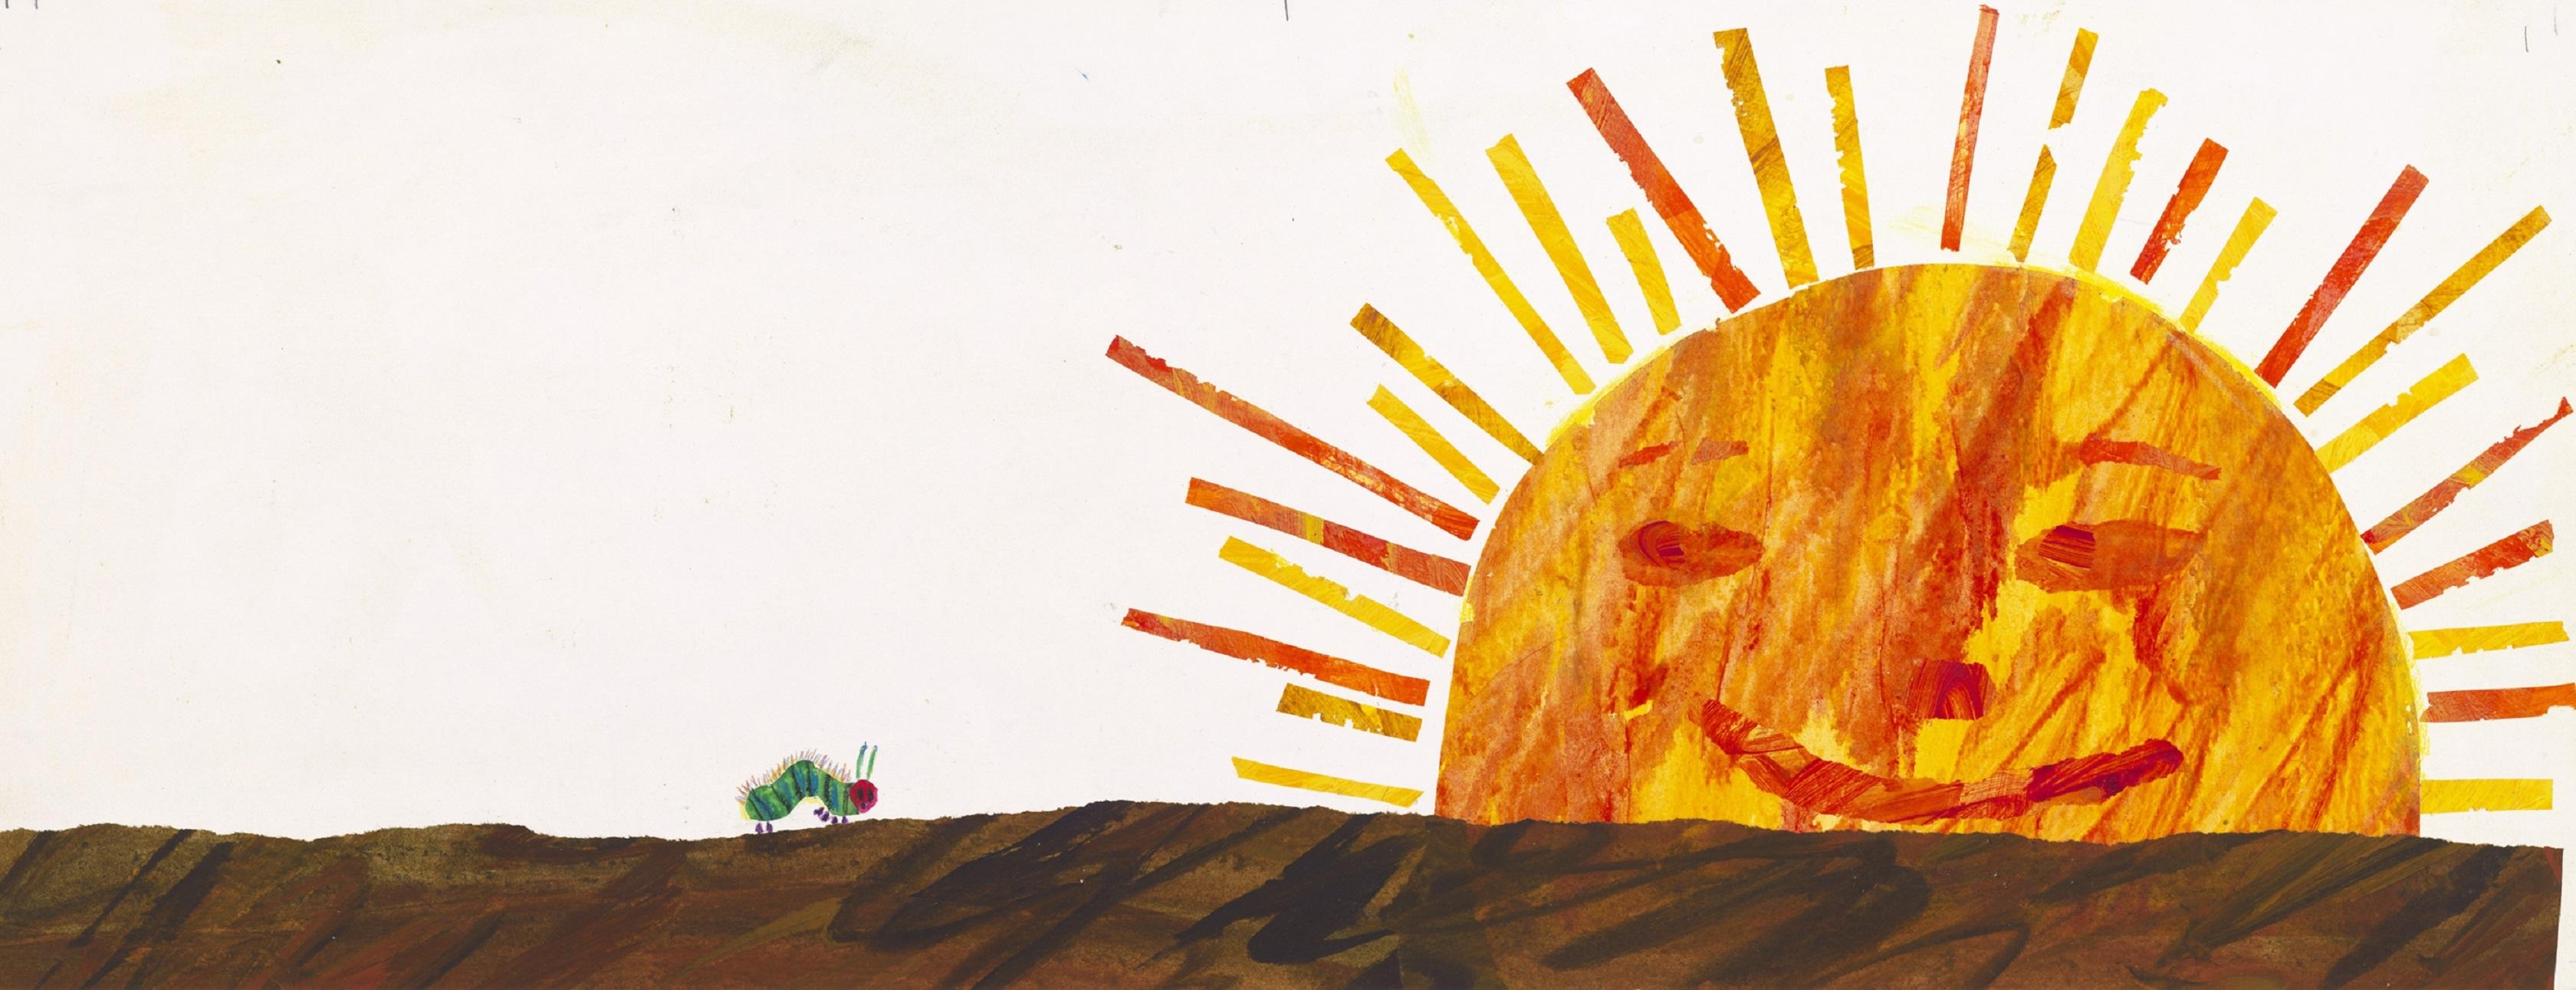 『はらぺこあおむし』別案原画、1984年、エリック・カール絵本美術館 (C)1969 and 1987 Eric Carle